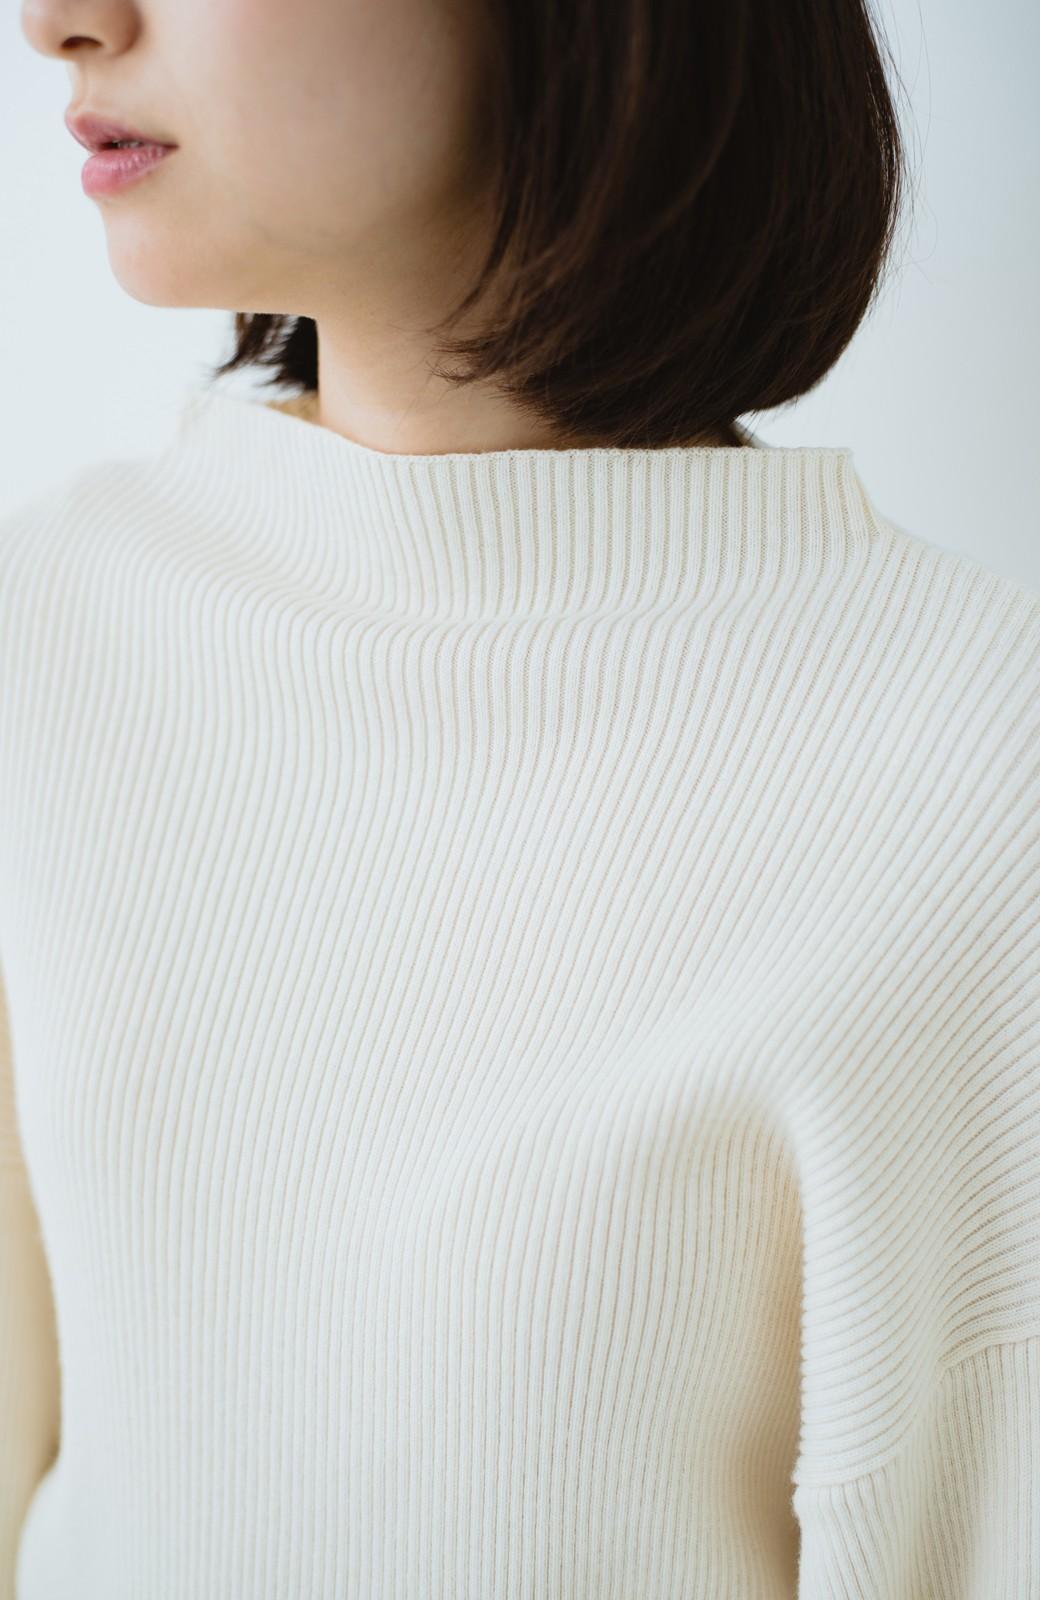 haco! シルク混素材のぷっくり袖リブニット <オフホワイト>の商品写真2